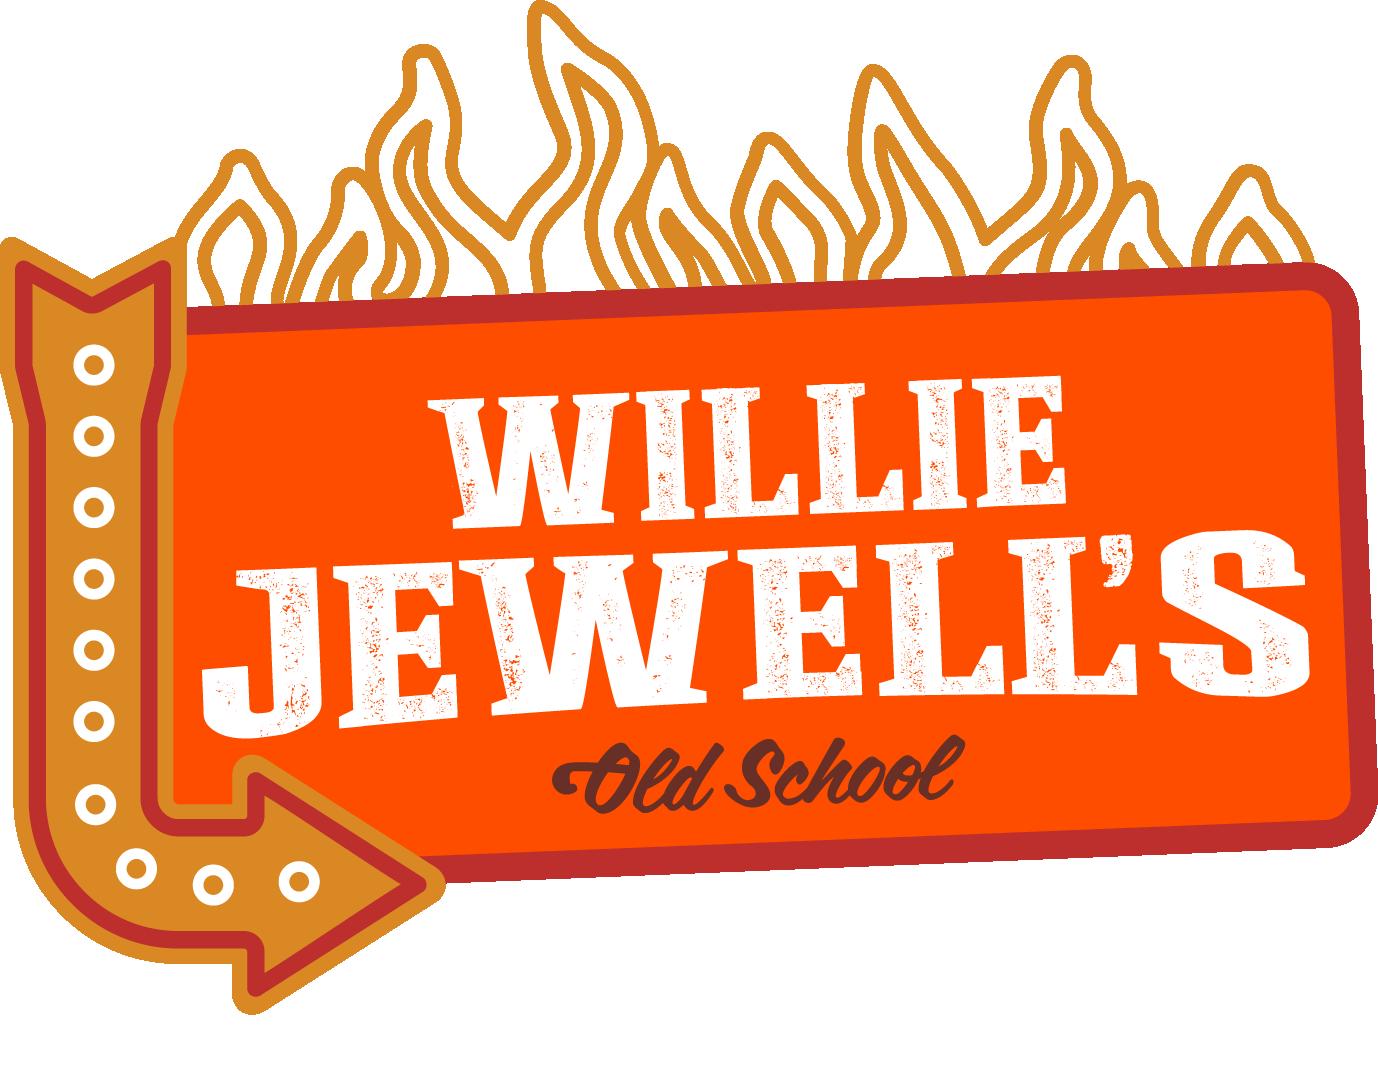 Willie Jewells